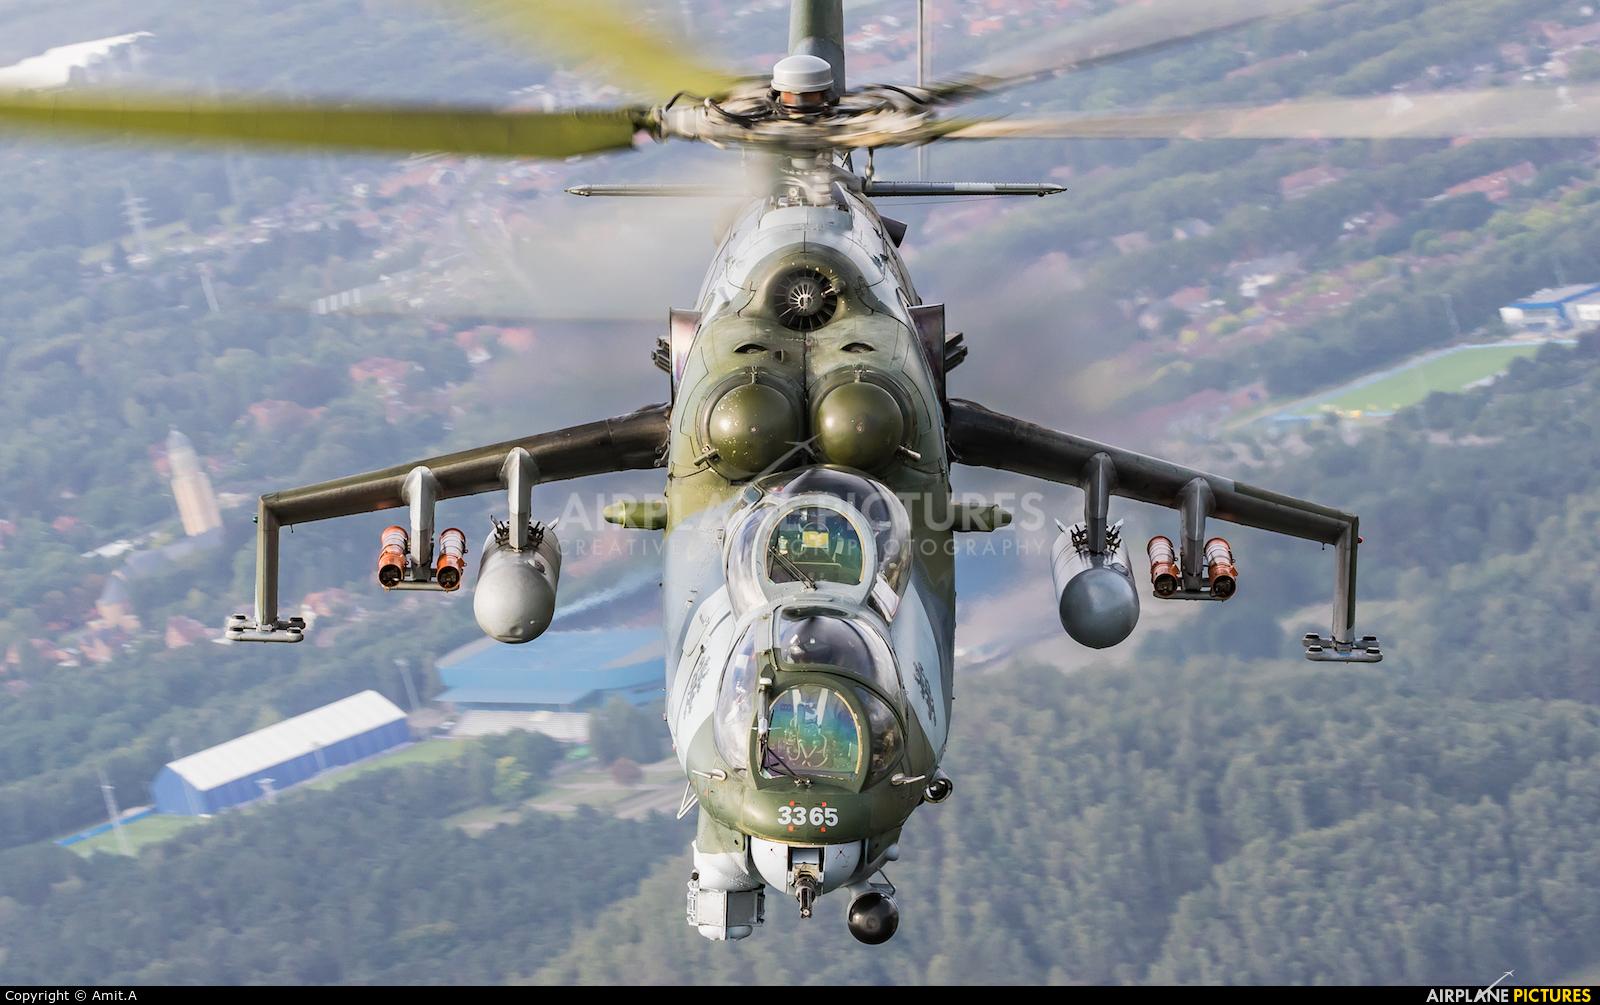 Czech - Air Force 3365 aircraft at In Flight - Belgium